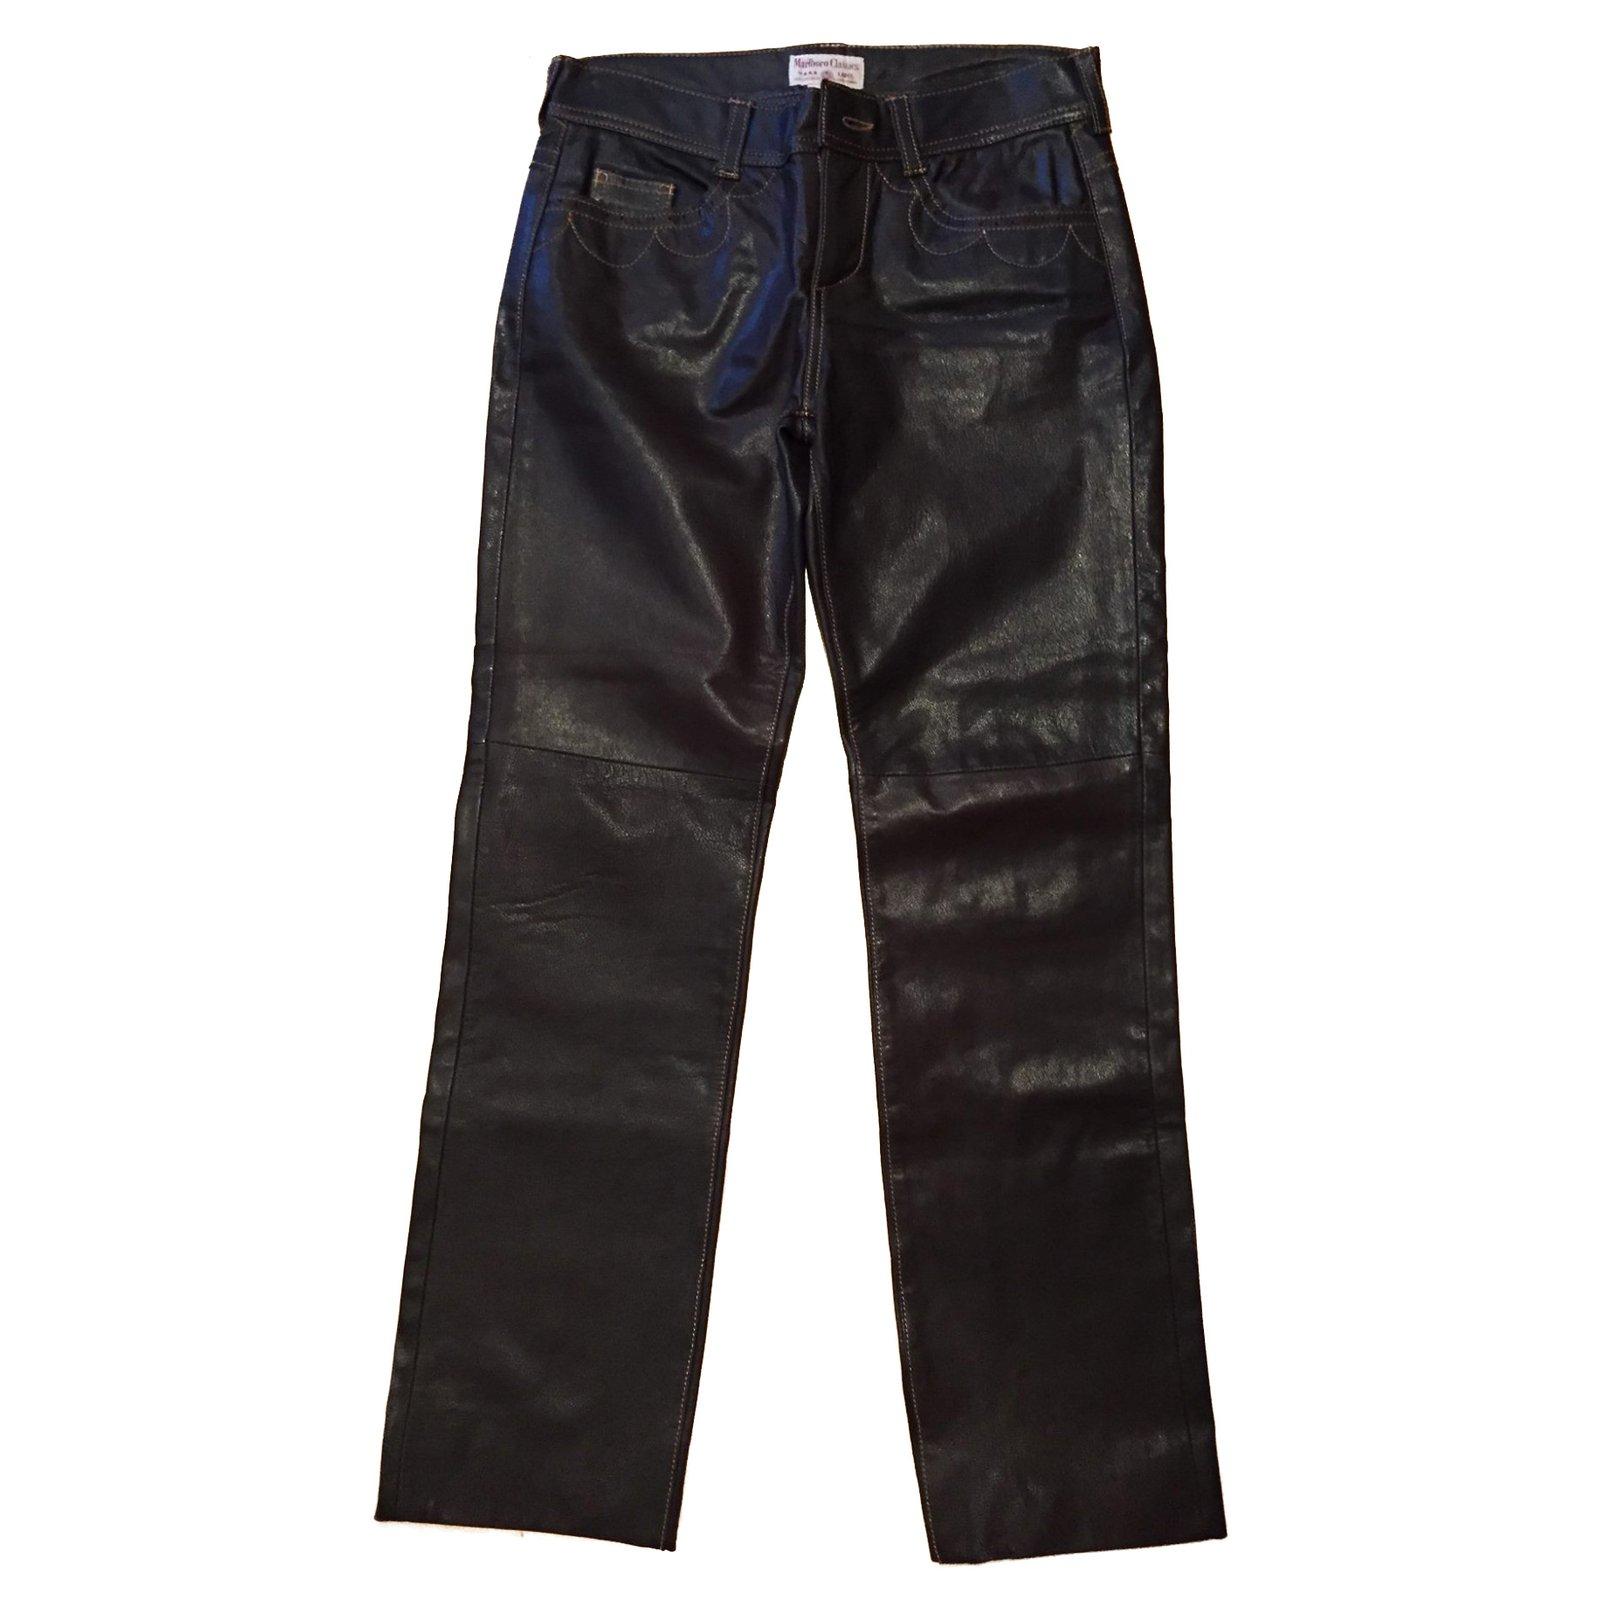 pantalons autre marque pantalon marlboro classics cuir marron joli closet. Black Bedroom Furniture Sets. Home Design Ideas